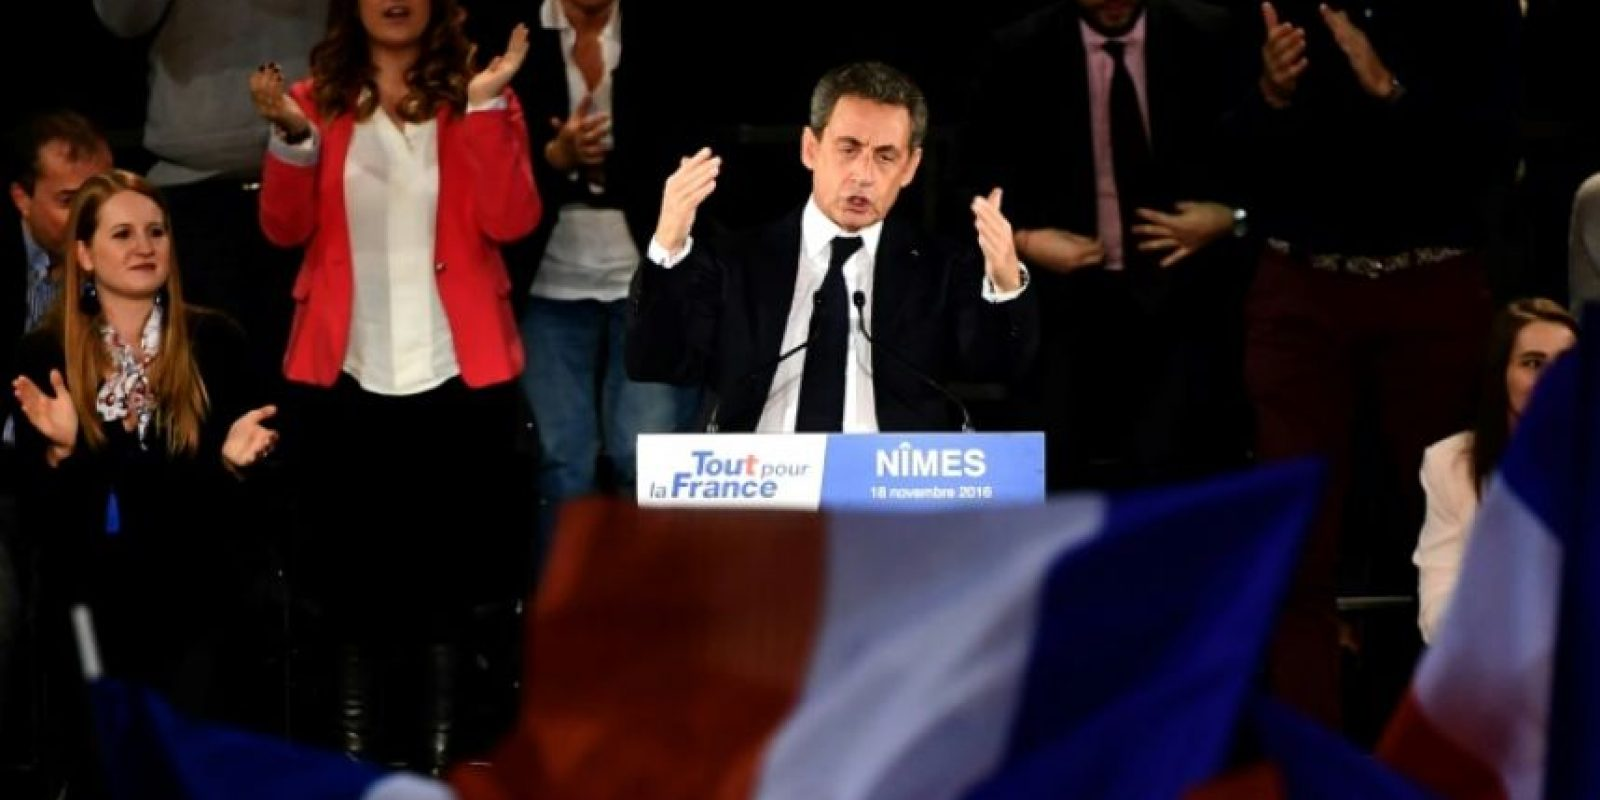 El expresidente francés y candidato a las primarias de la derecha para las elecciones de 2017, Nicolas Sarkozy, gesticula durante un mitin en Nimes, el 18 de noviembre de 2016 Foto:Pascal Guyot/afp.com